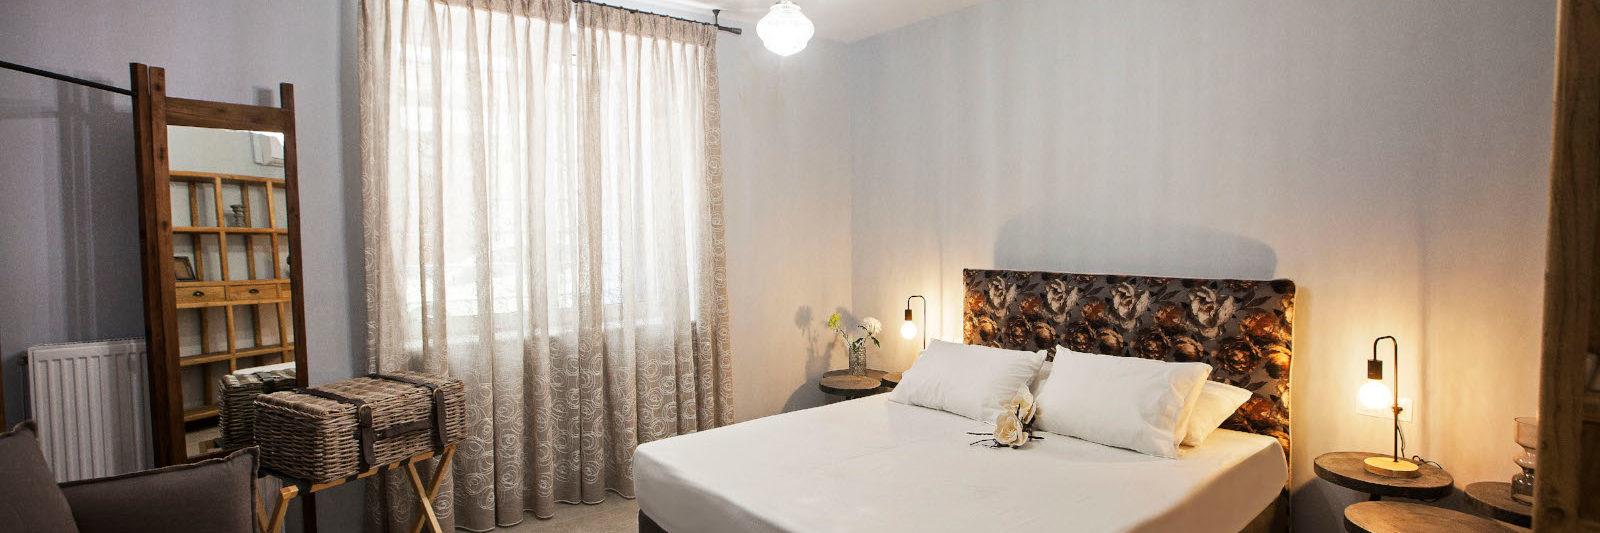 Apartment 2 Featured